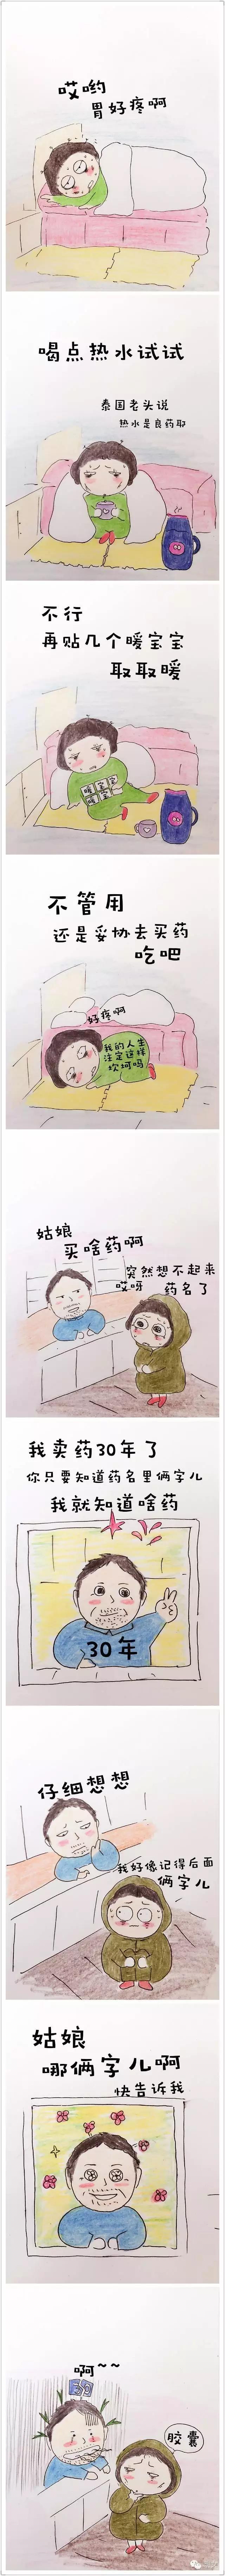 【明女小漫画】囧